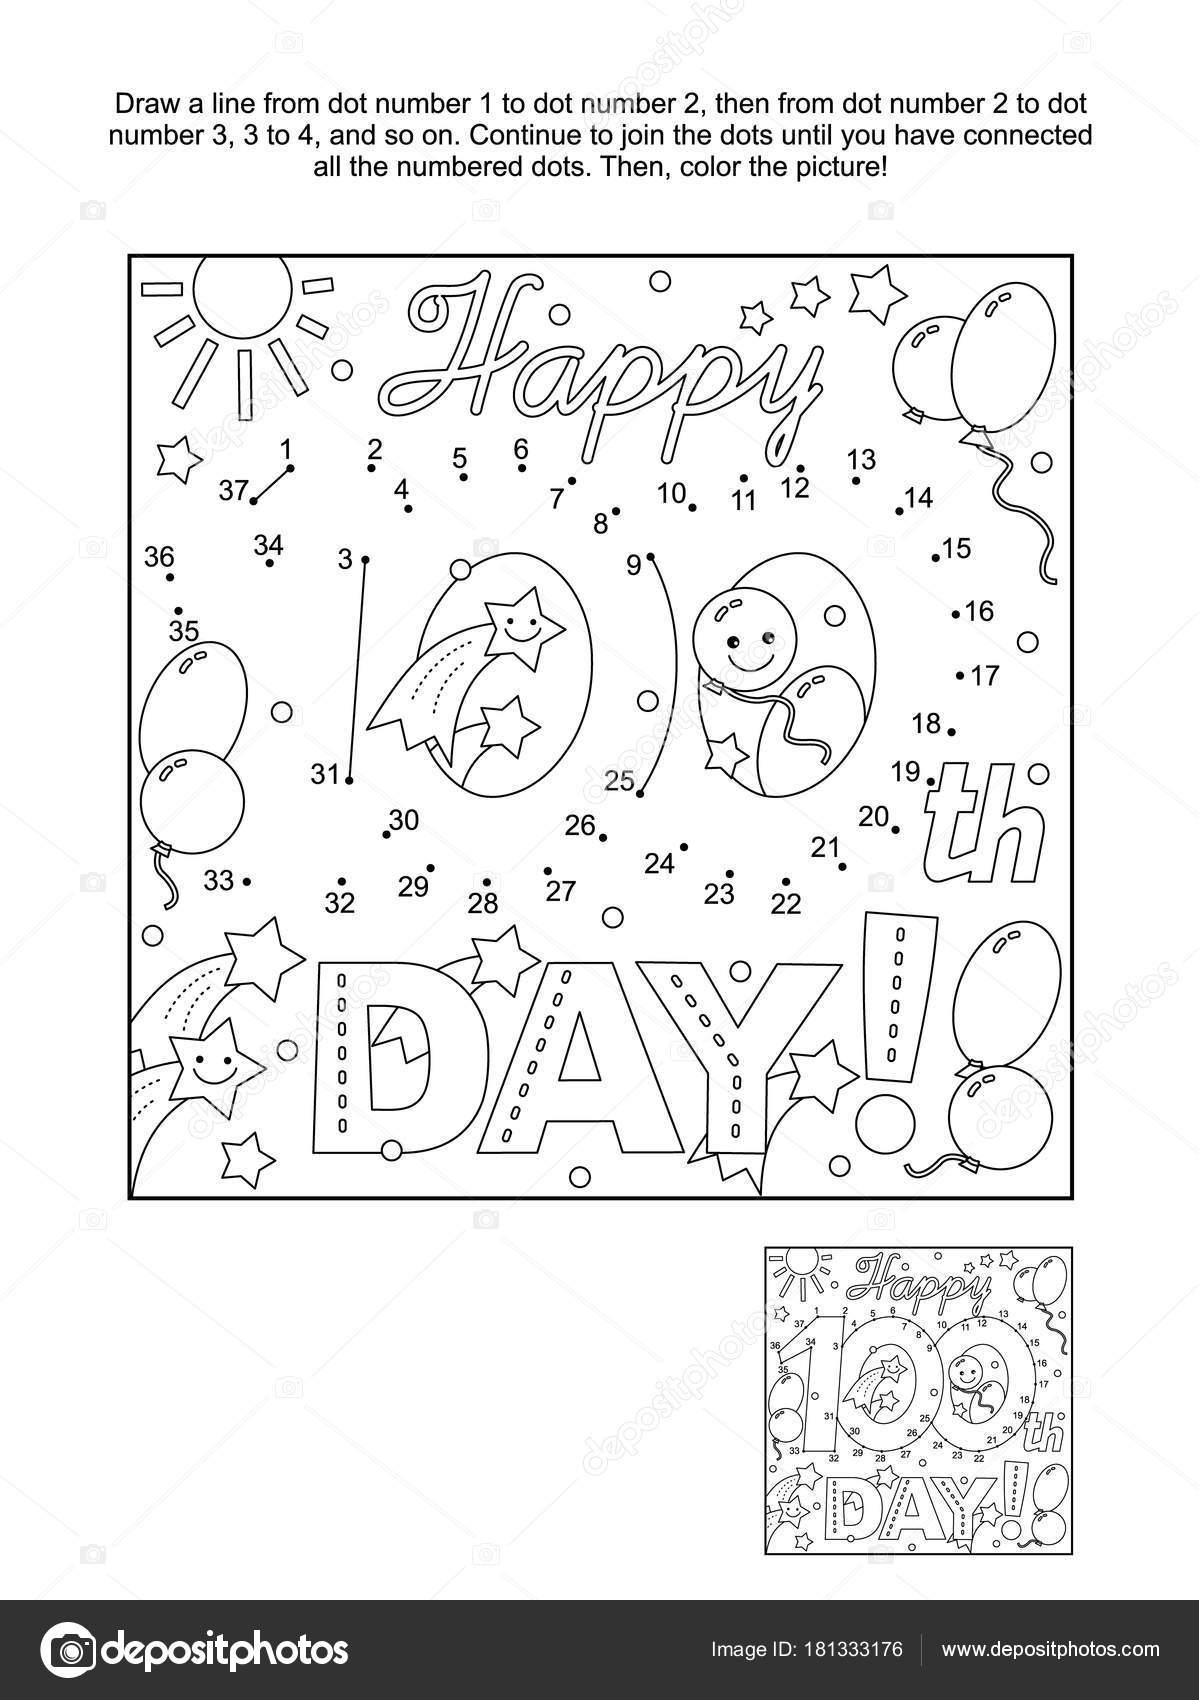 学校学習お祝いテーマの 100 日接続ドット画像パズル ぬりえページ 幸せ